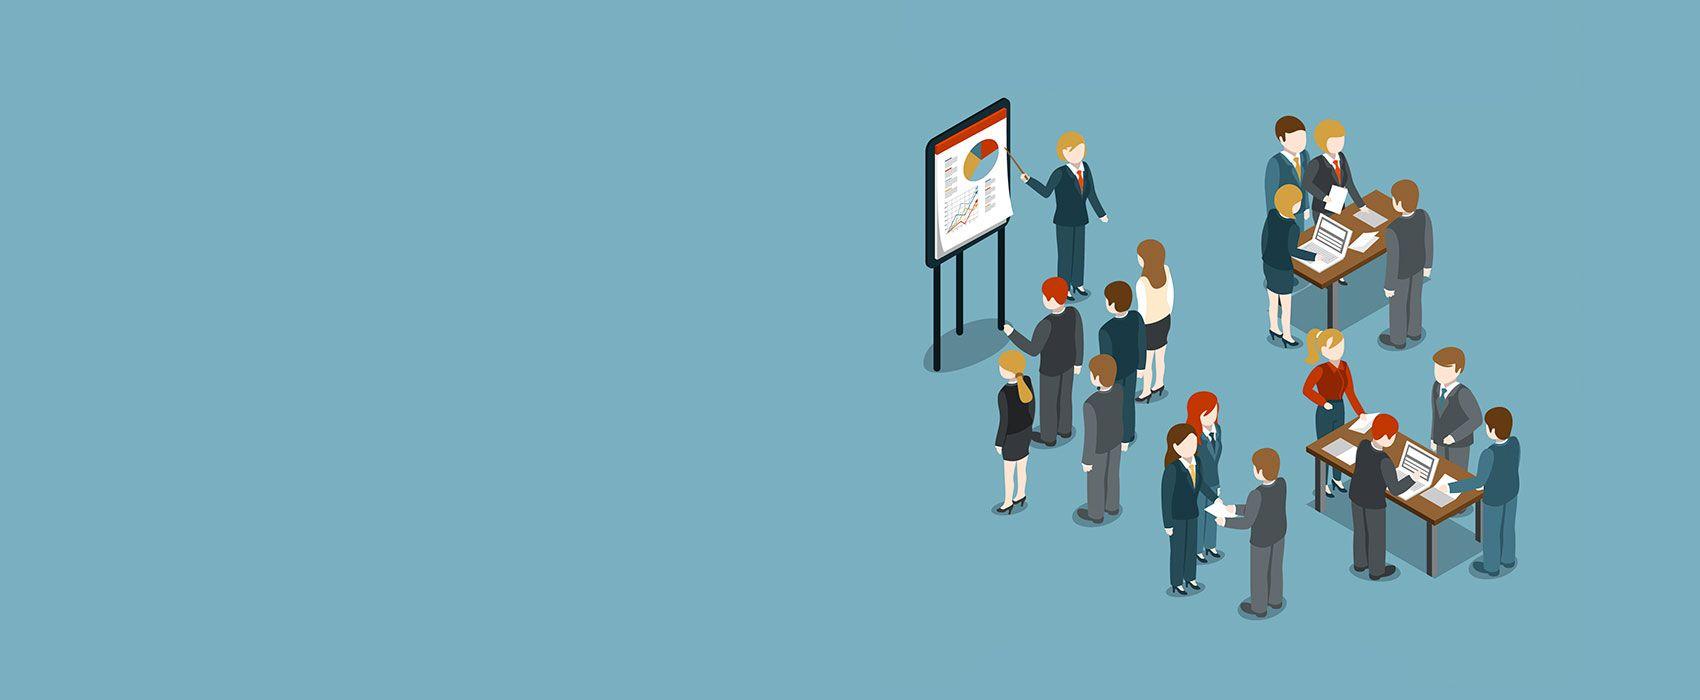 Las 4 fases del proceso administrativo 1